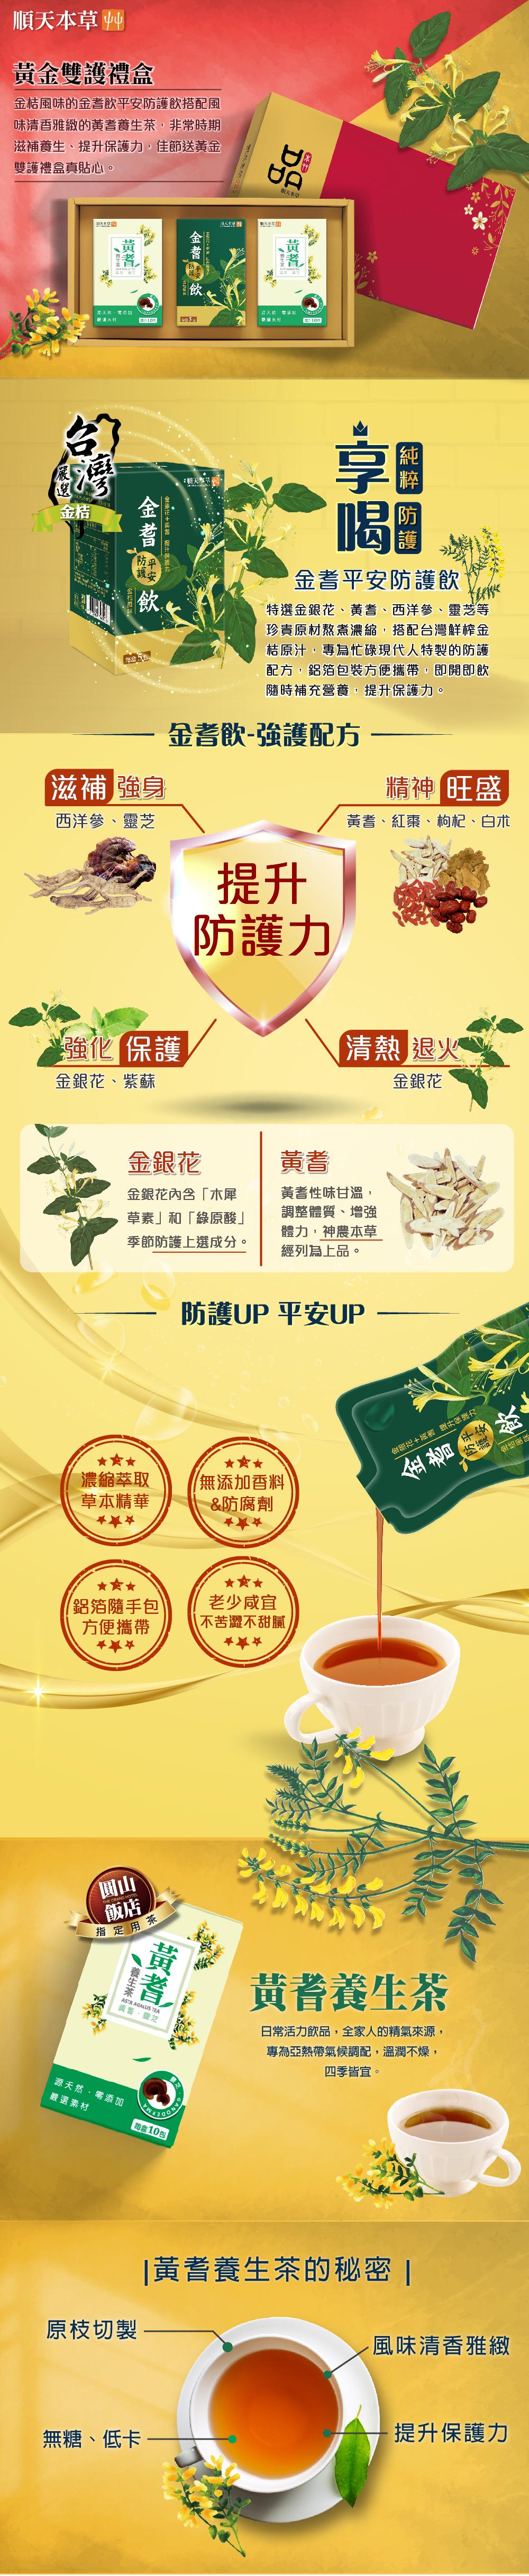 順天本草黃金雙護禮盒,黃耆養生茶、金耆平安防護飲